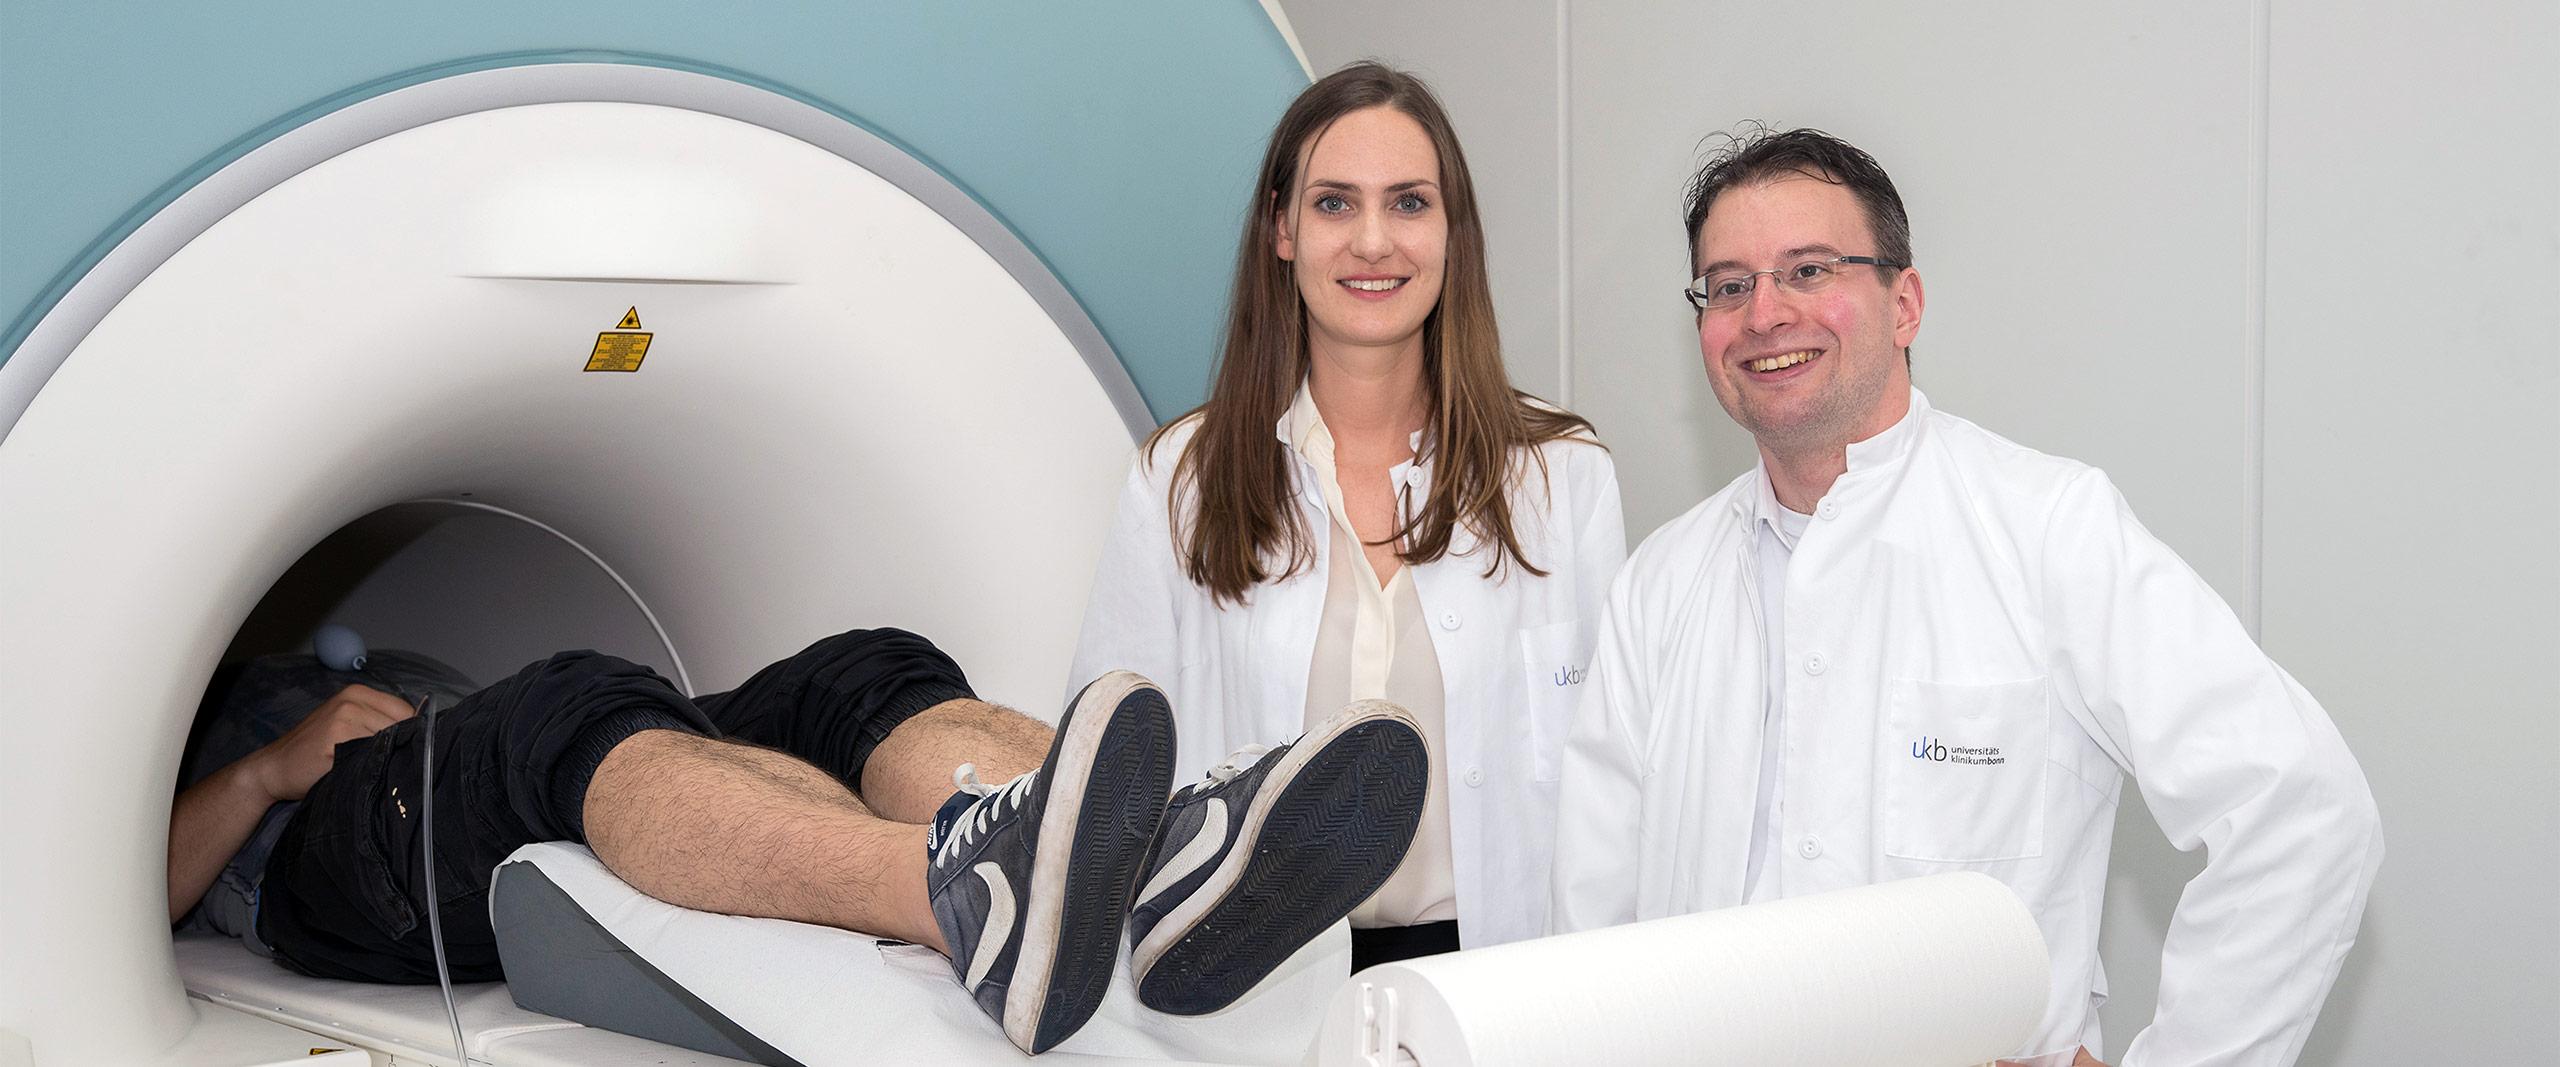 Der funktionelle Magnetresonanztomograph zeichnet die Aktivität der Gehirnareale auf